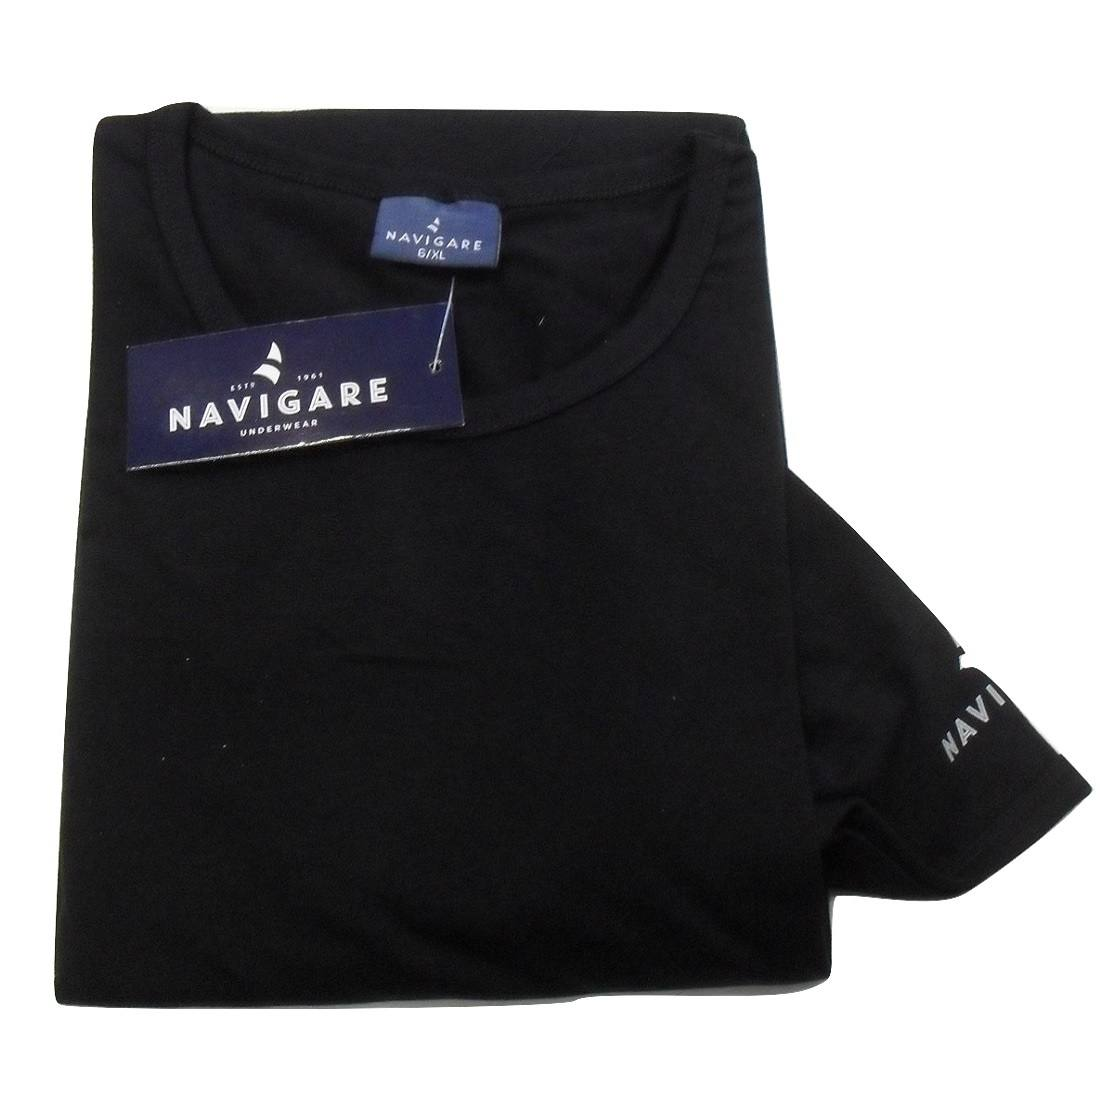 998c57438d40aa ... 3 Pezzi T-Shirt Uomo Navigare Articolo 570 Girocollo Cotone Bielastico  ...